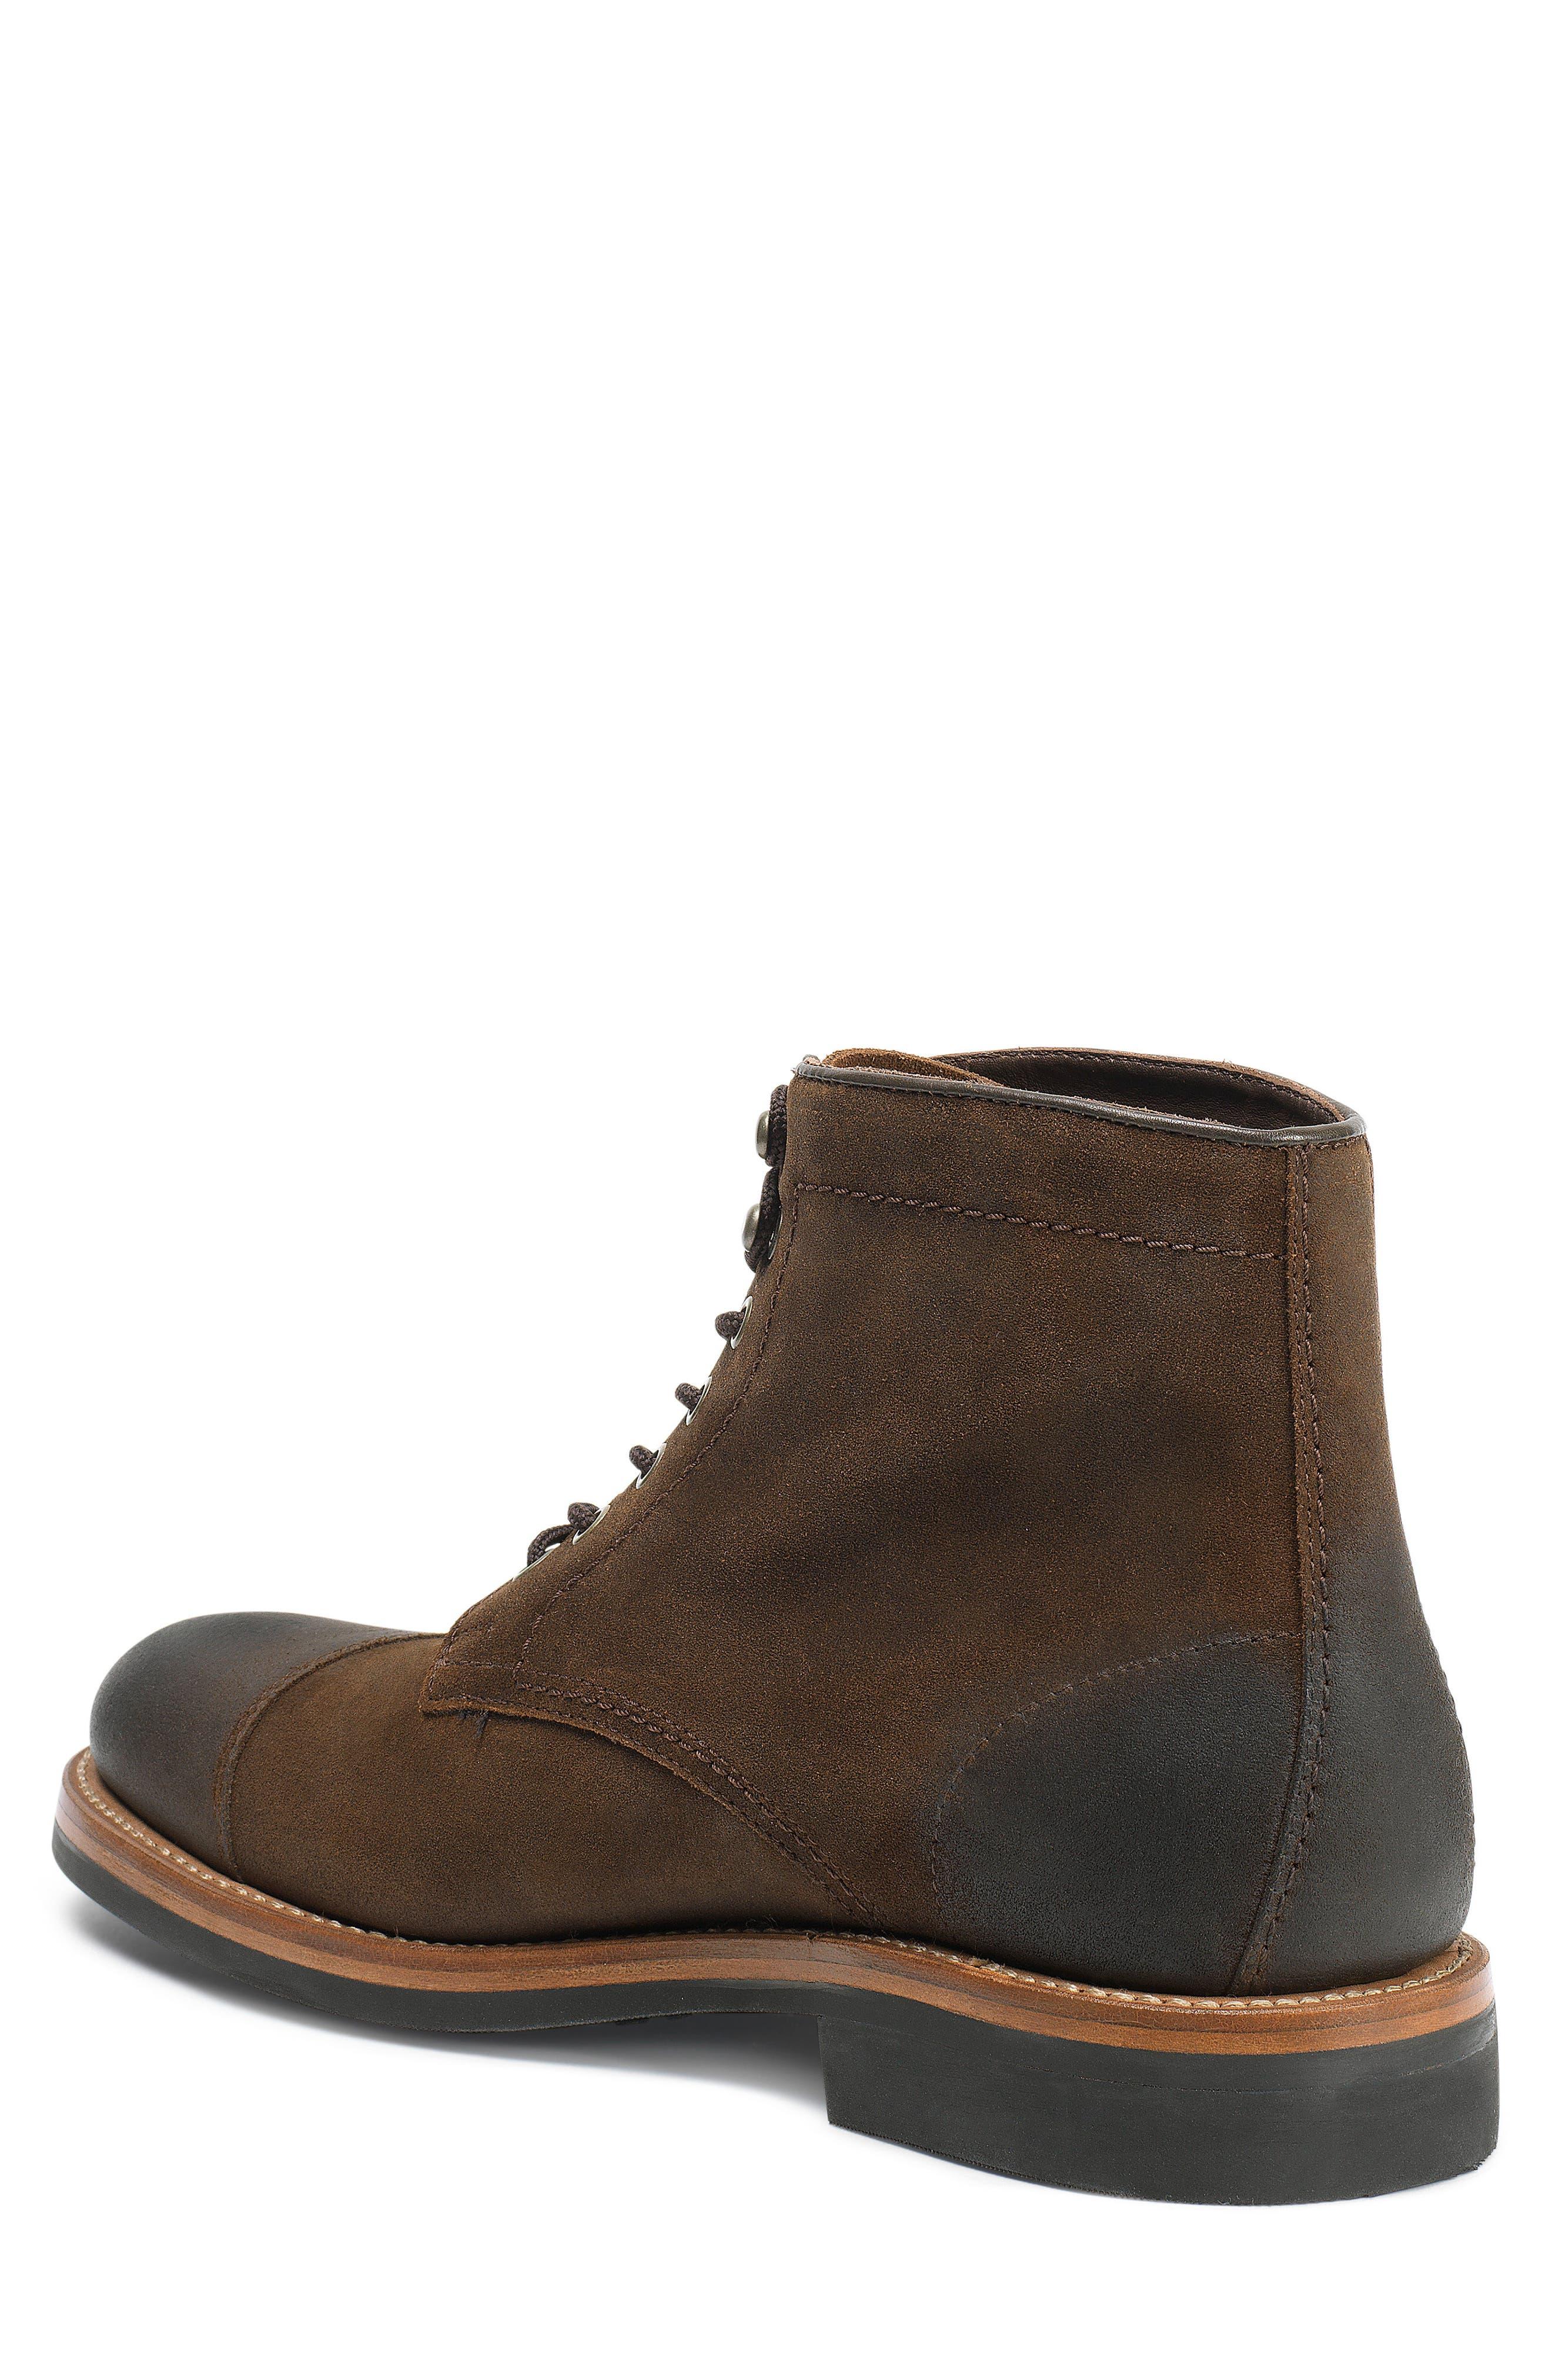 Ike Plain Toe Boot,                             Alternate thumbnail 2, color,                             200